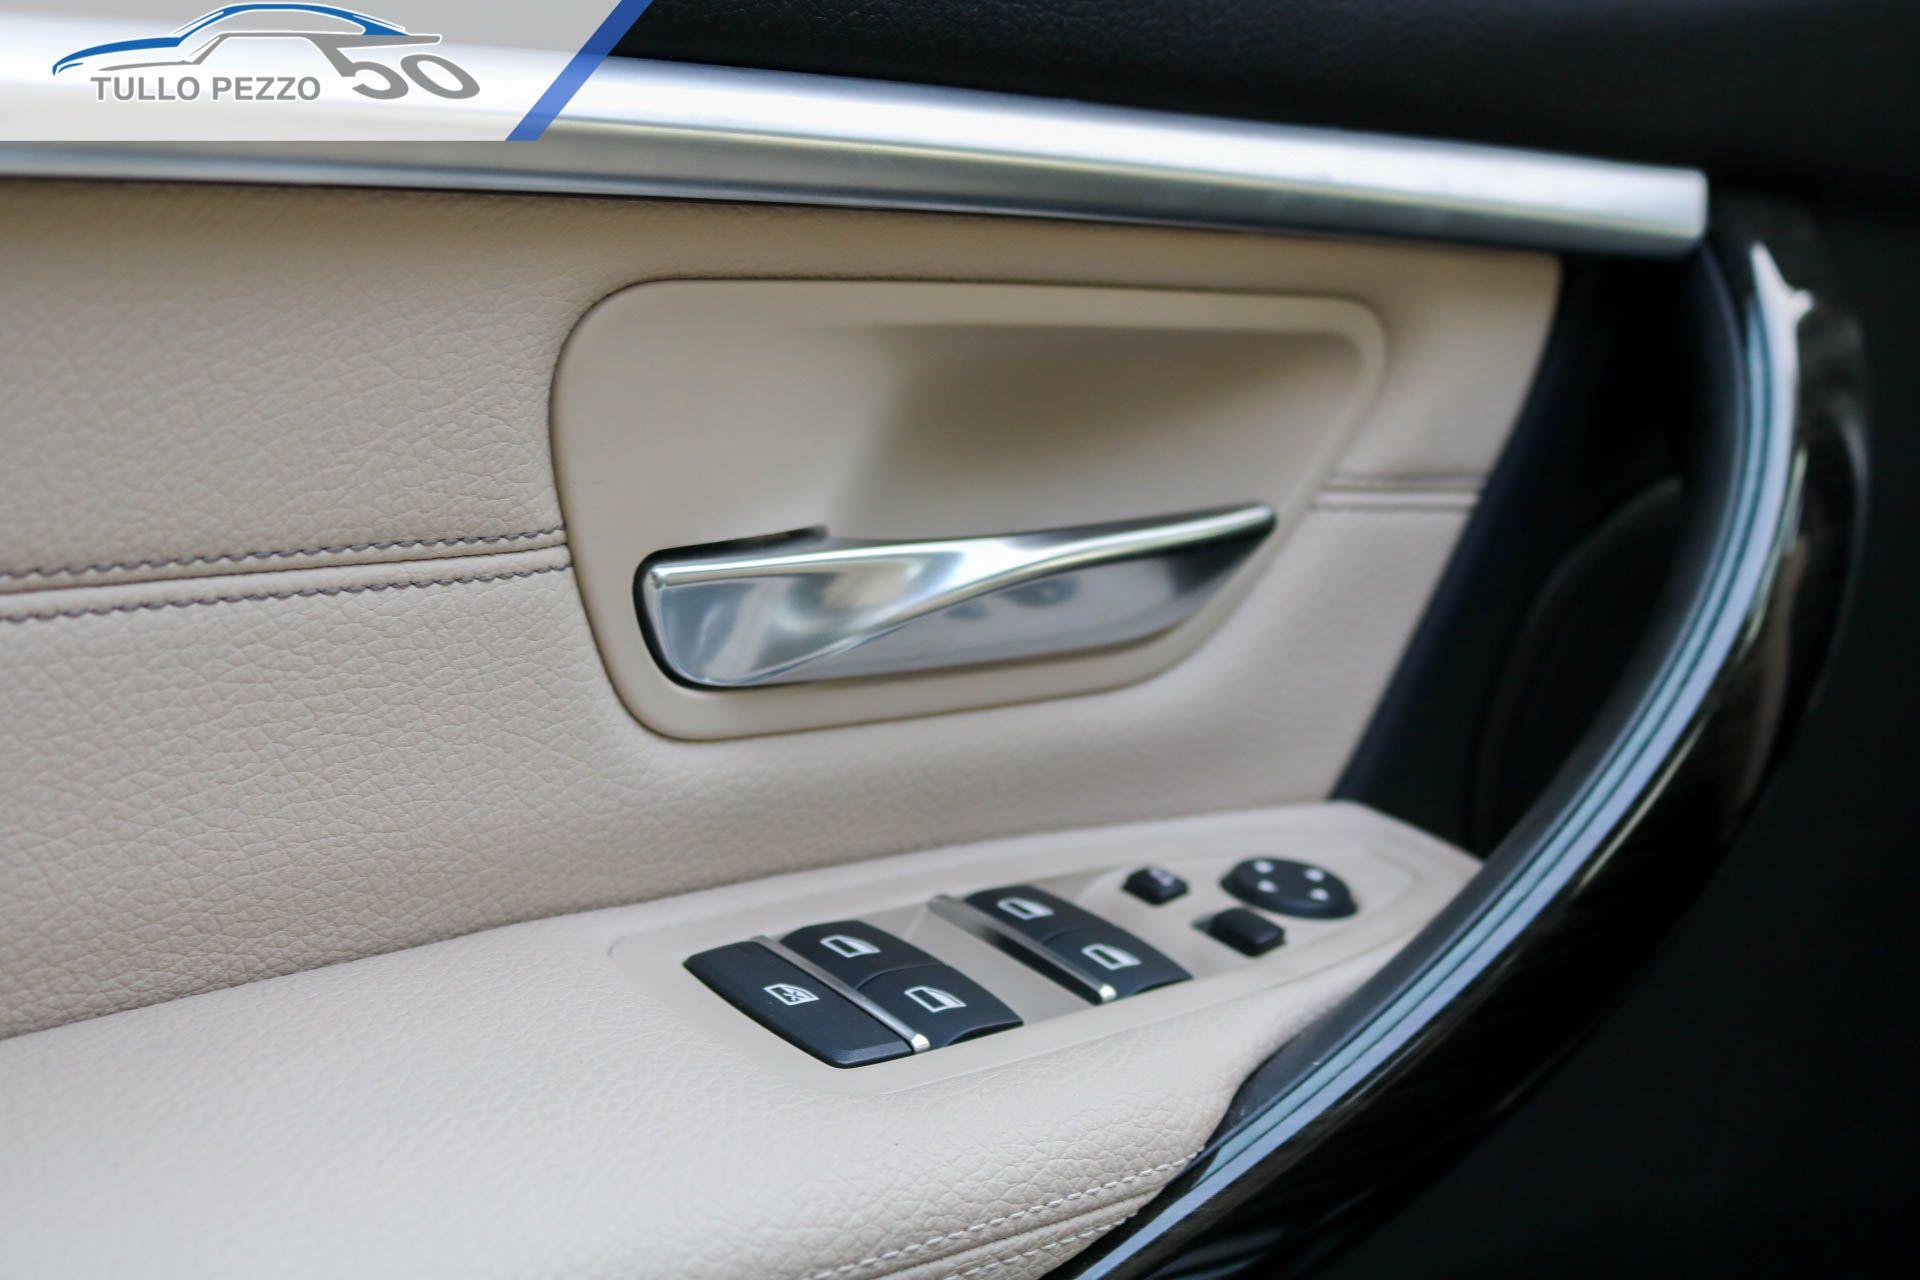 Pin di BMW MINI Tullo Pezzo su BMW 330e Luxury